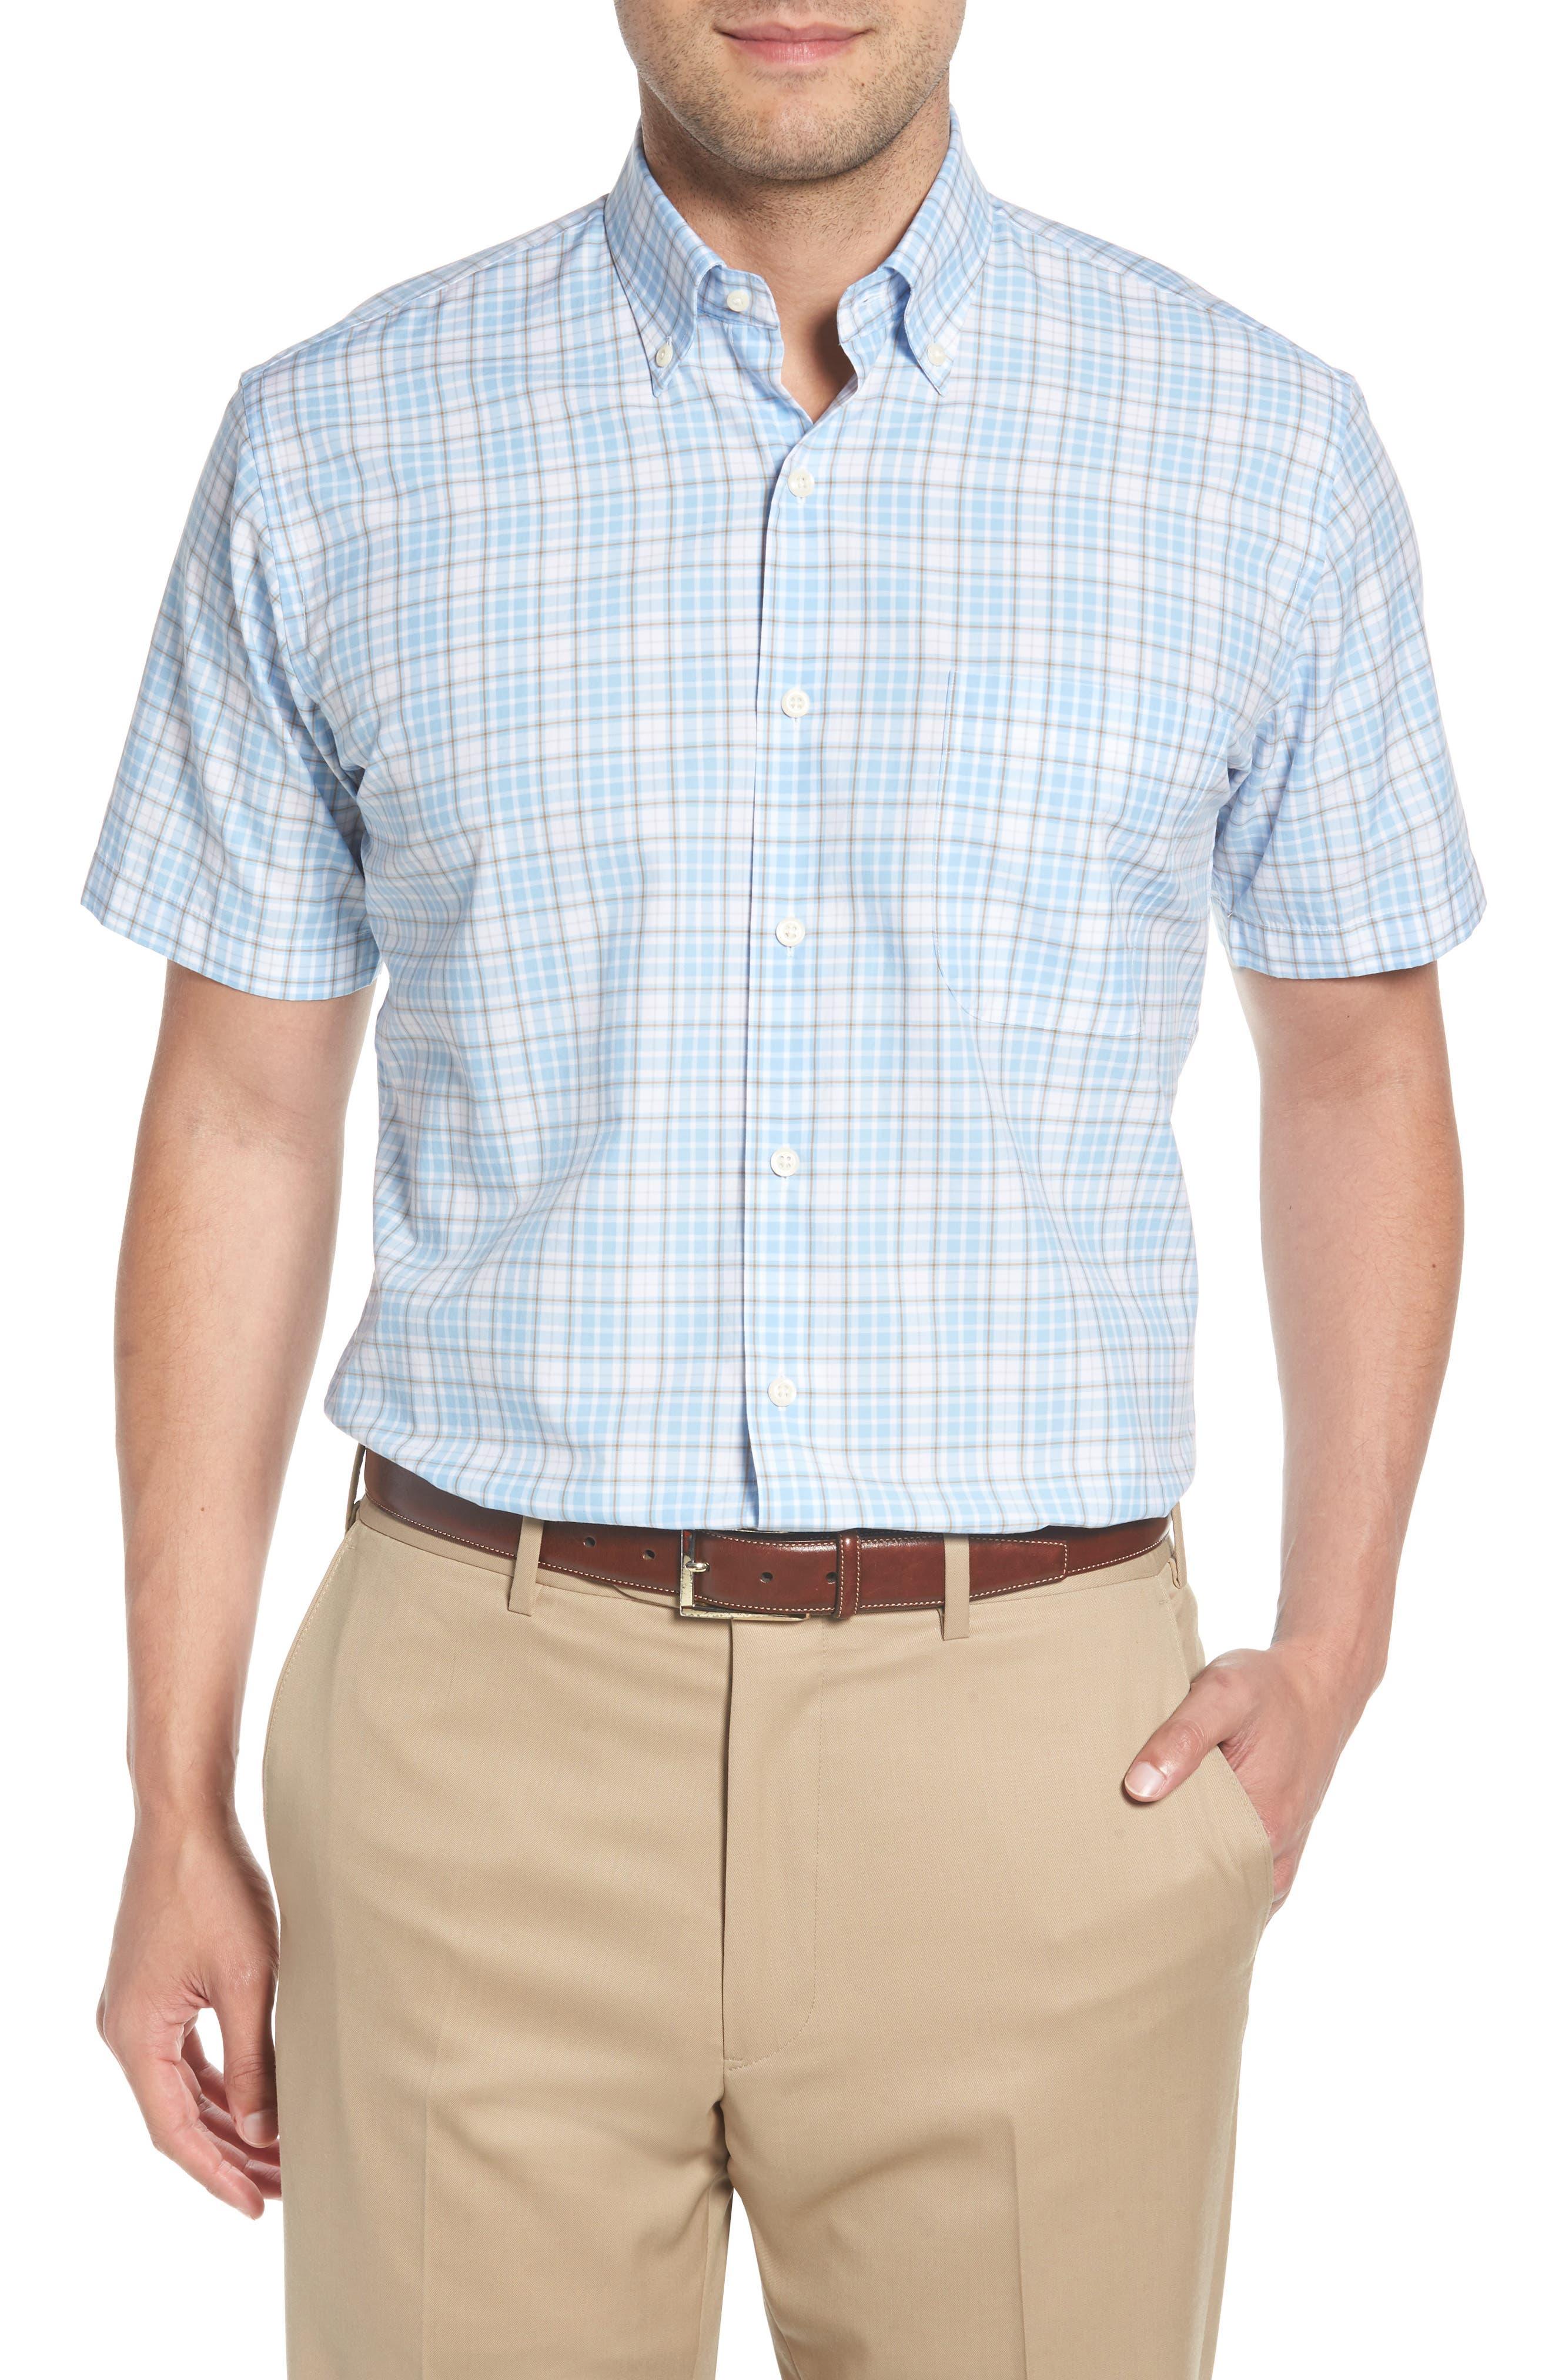 PETER MILLAR Belltown Regular Fit Tartan Sport Shirt, Main, color, 400